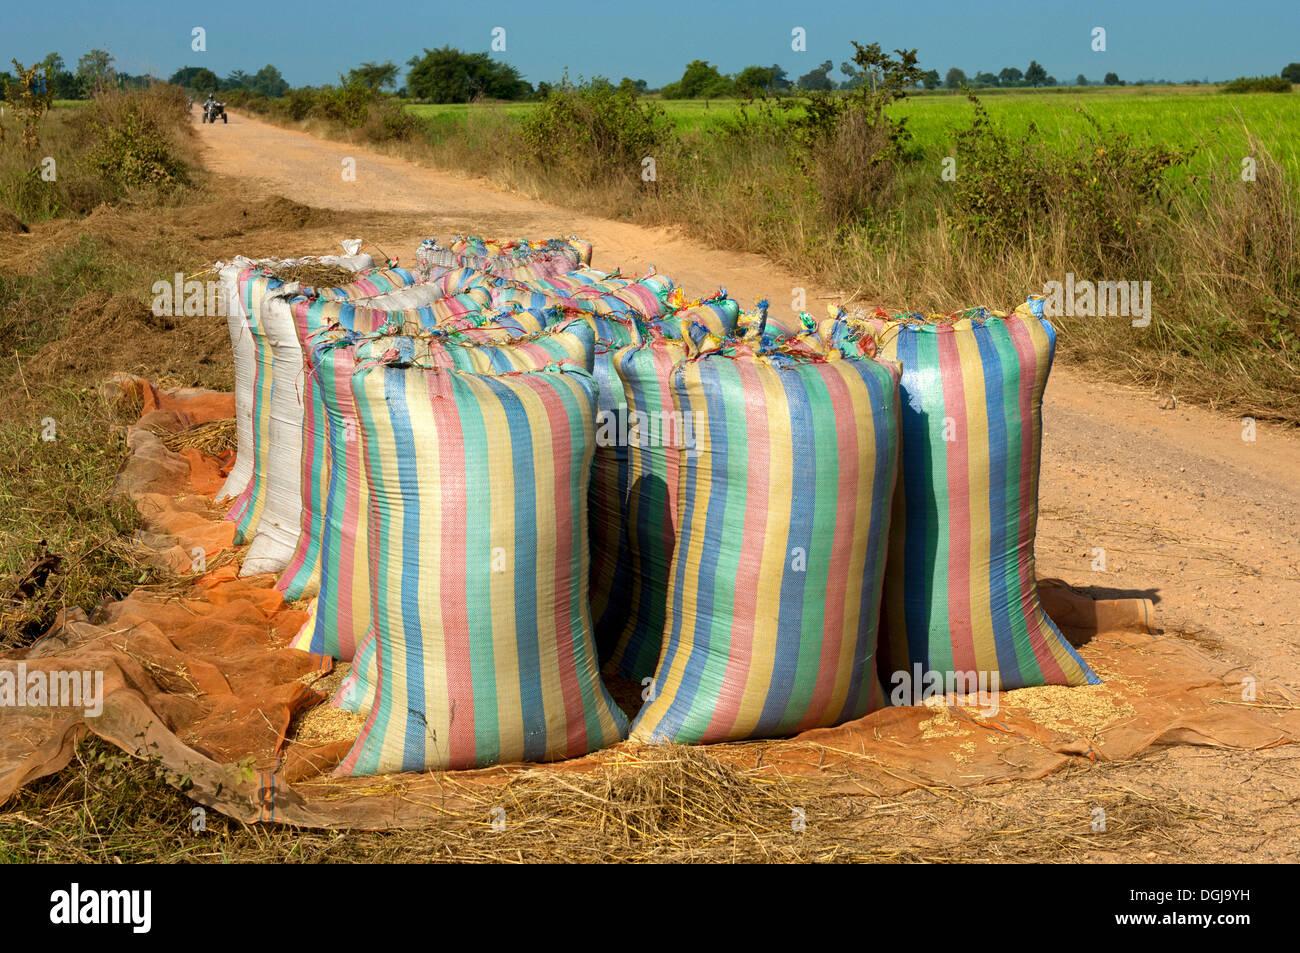 Abultamiento de sacos de arroz listo para su recogida en un camino de tierra, Battambang, Camboya, Sudeste Asiático, Asia Foto de stock